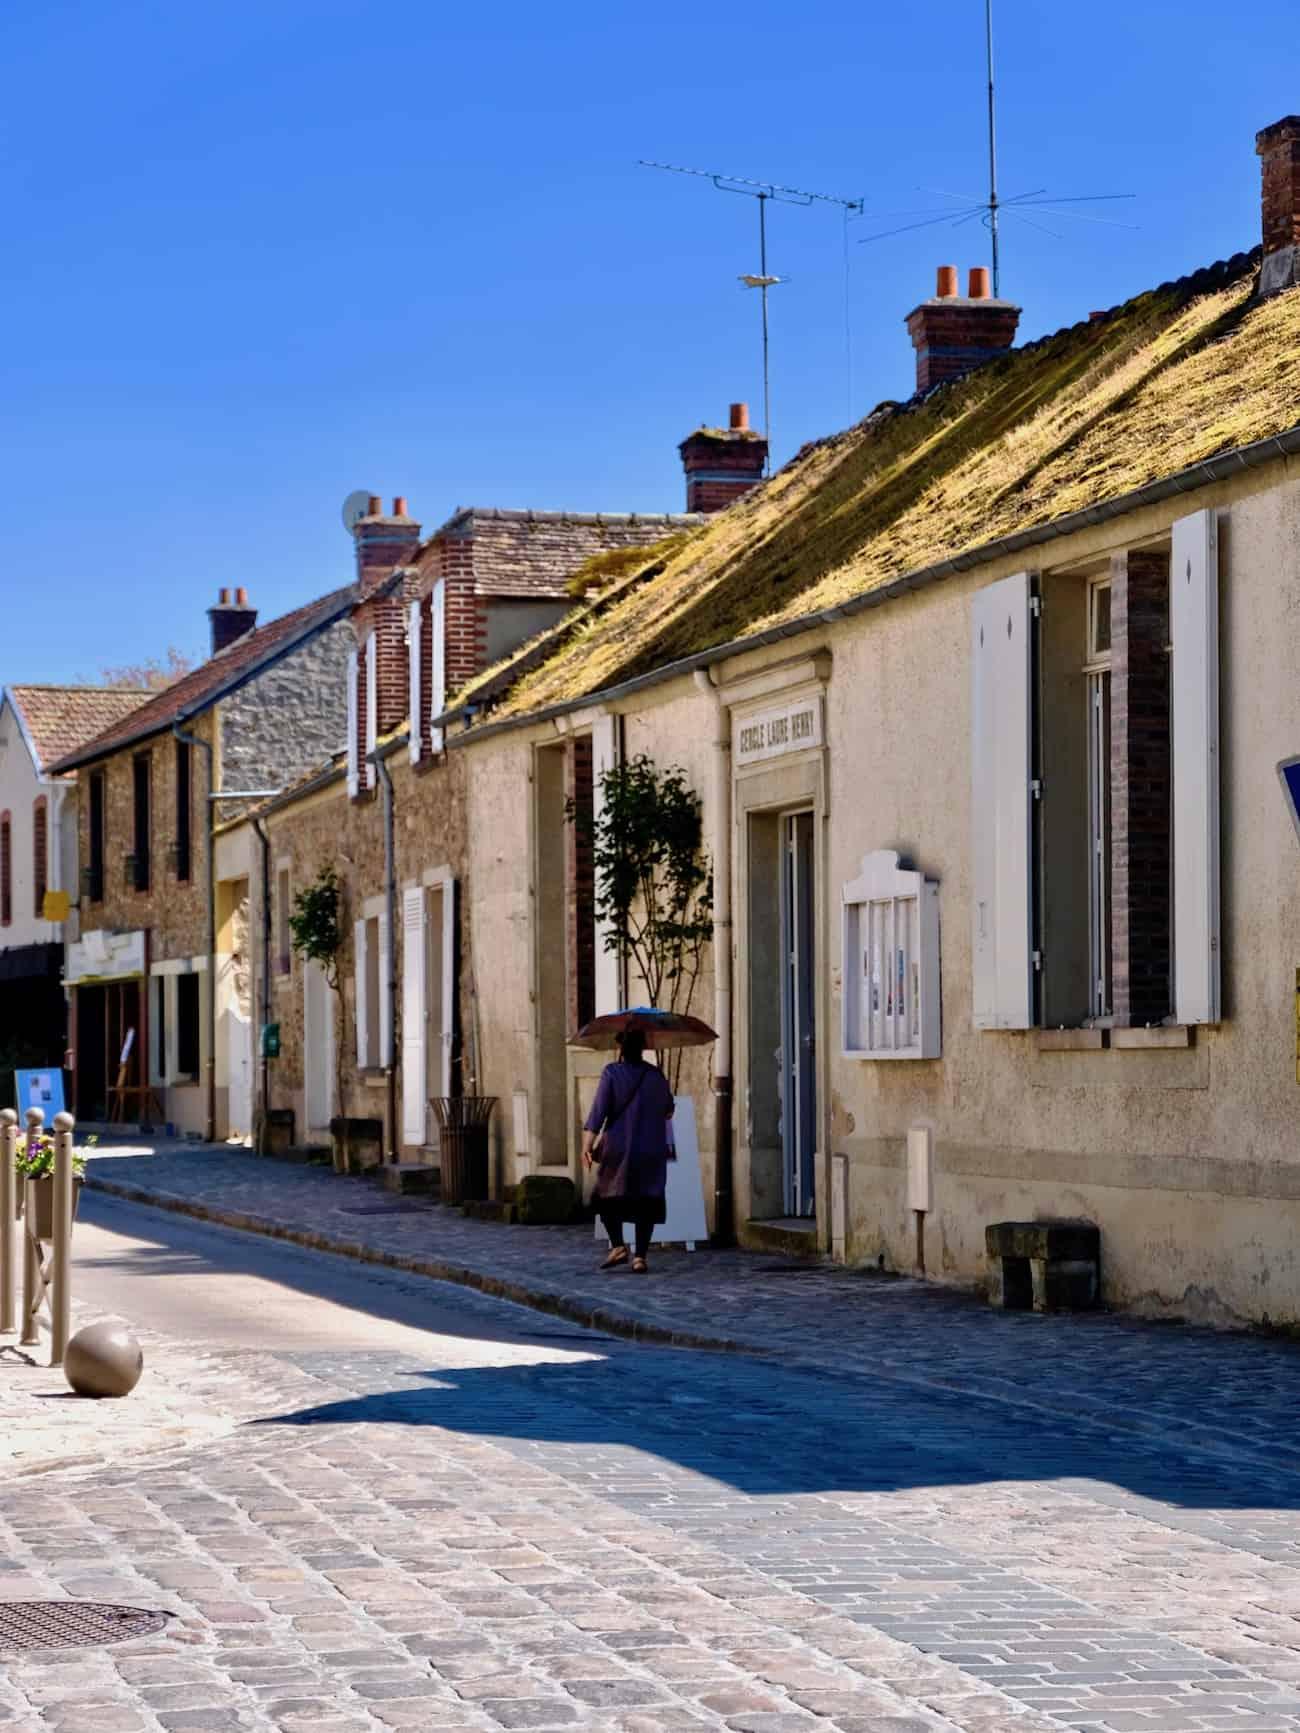 promenade-balade-ile-de-france-beaux-village-de-france-barbizon-foret-fontainebleau